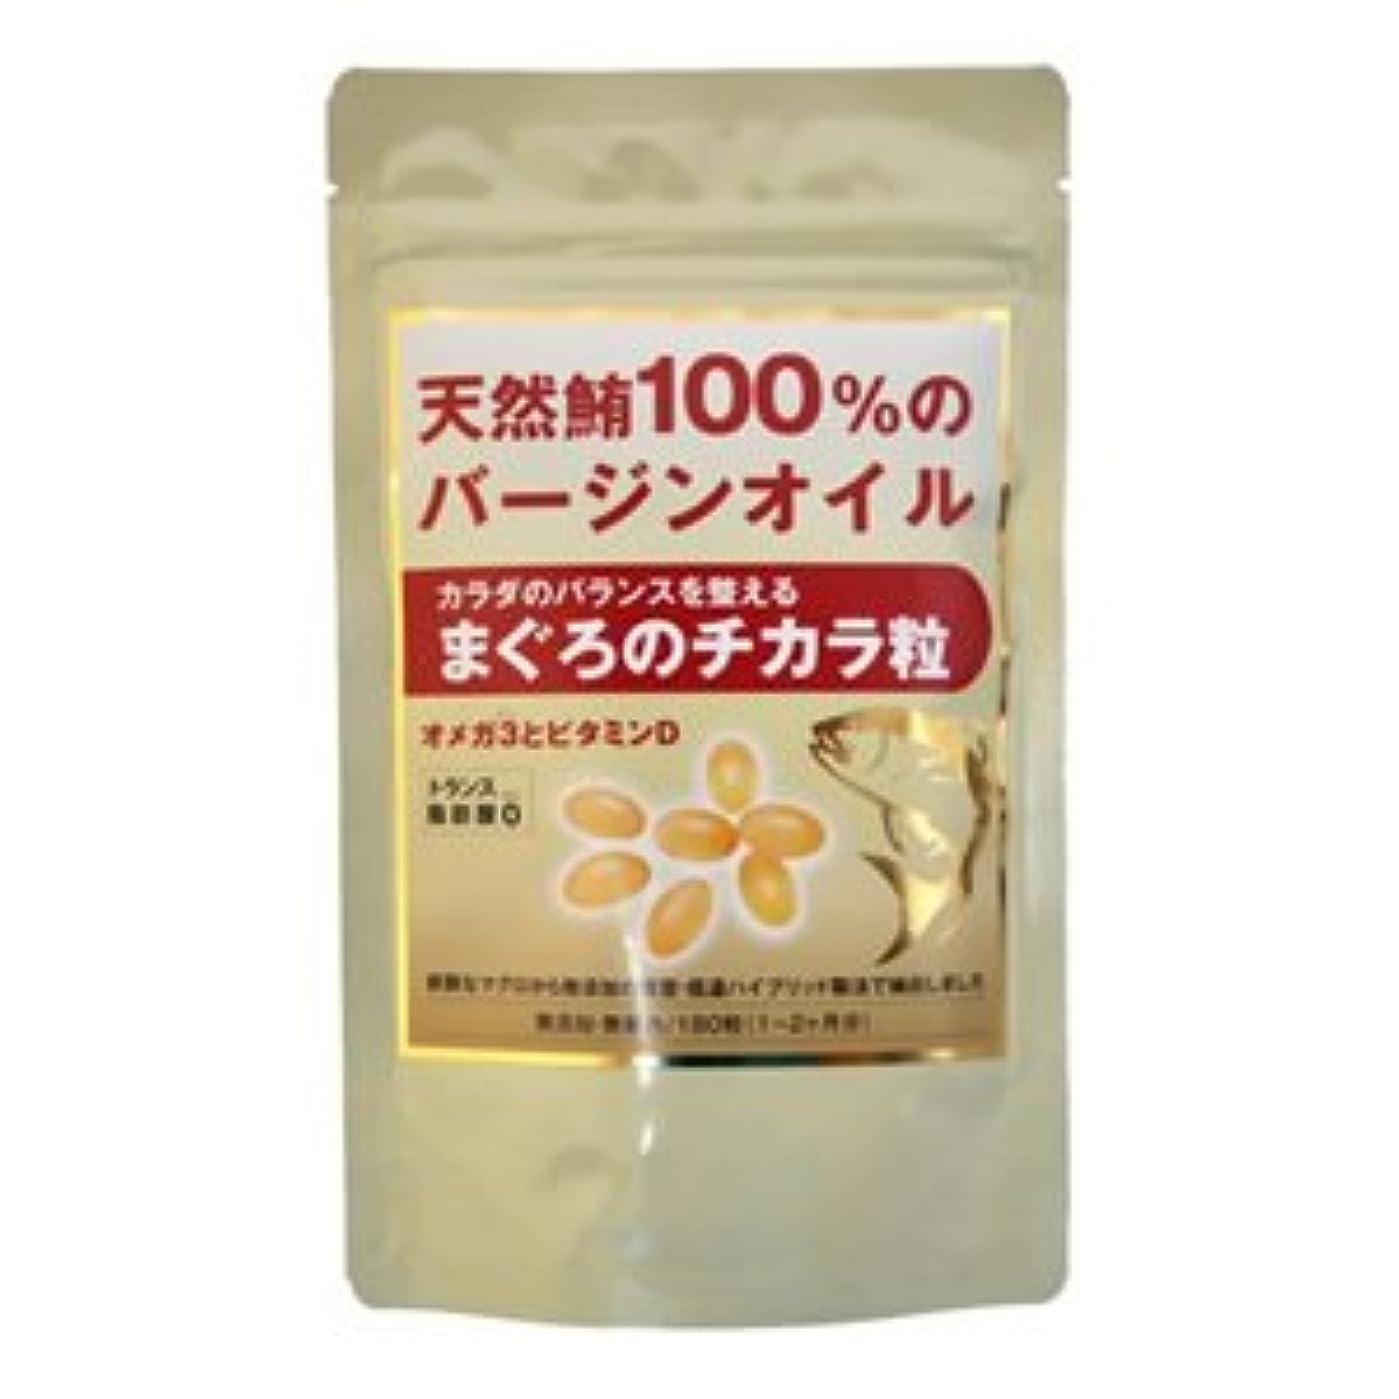 シャワー豆ドライまぐろのチカラ粒 180粒 ※マグロの栄養素をできる限り損なわずに抽出しました!